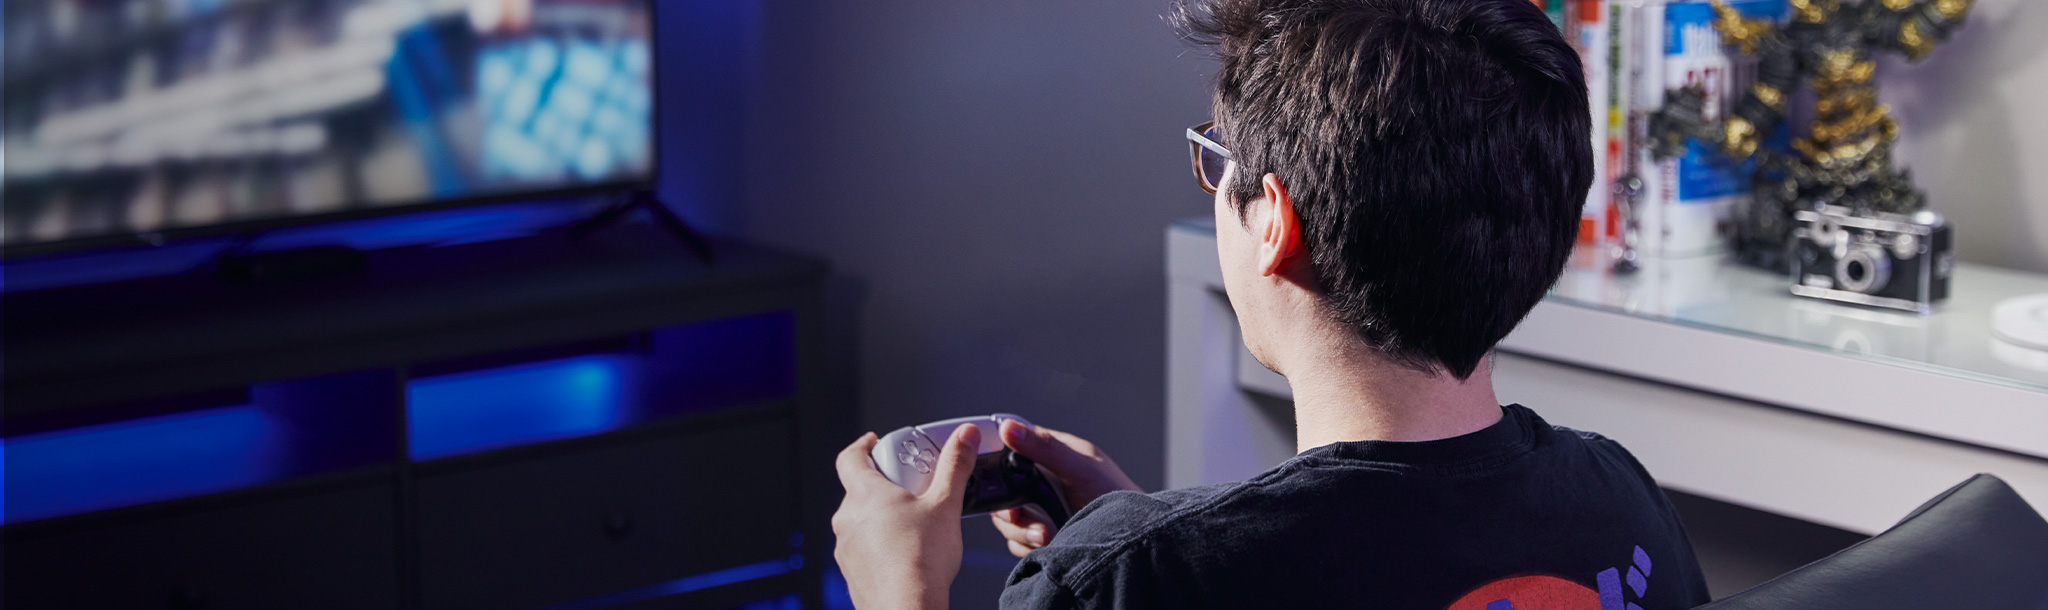 PS5에서 게임을 하는 게이머